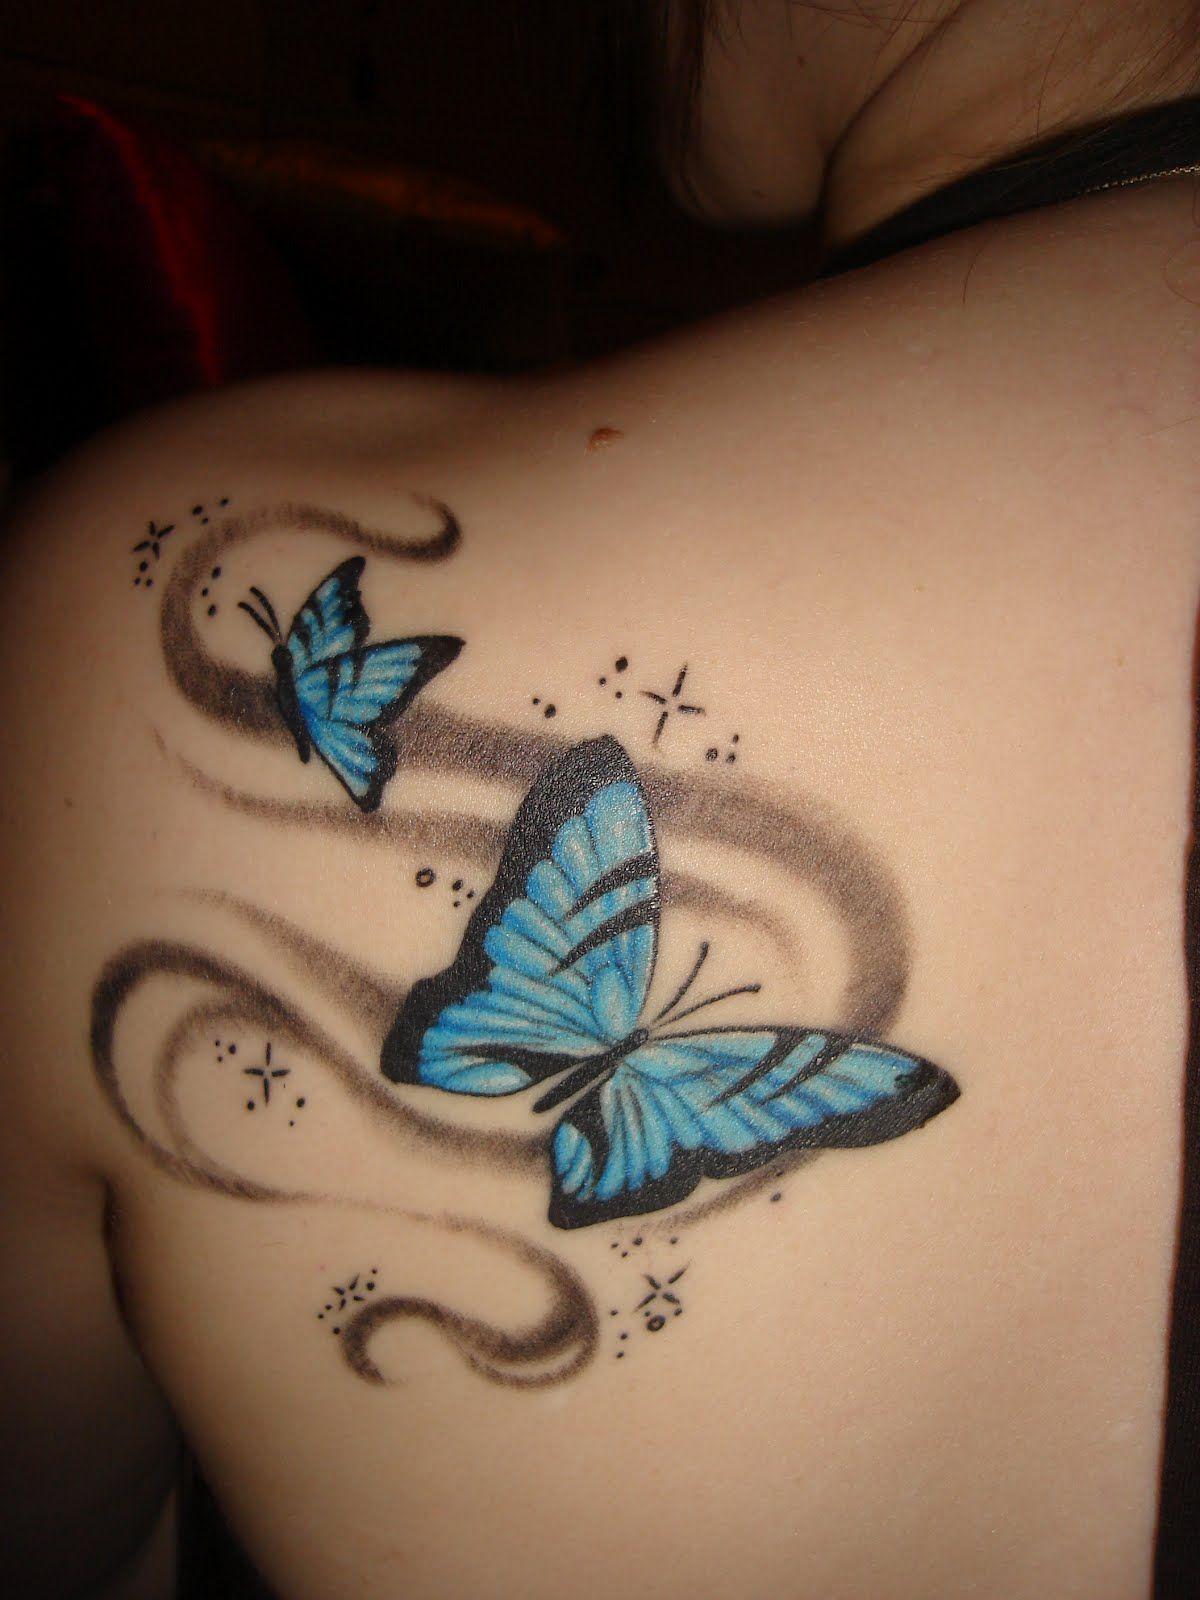 Bracelet tattoos list tattoo design butterfly tattoo designs